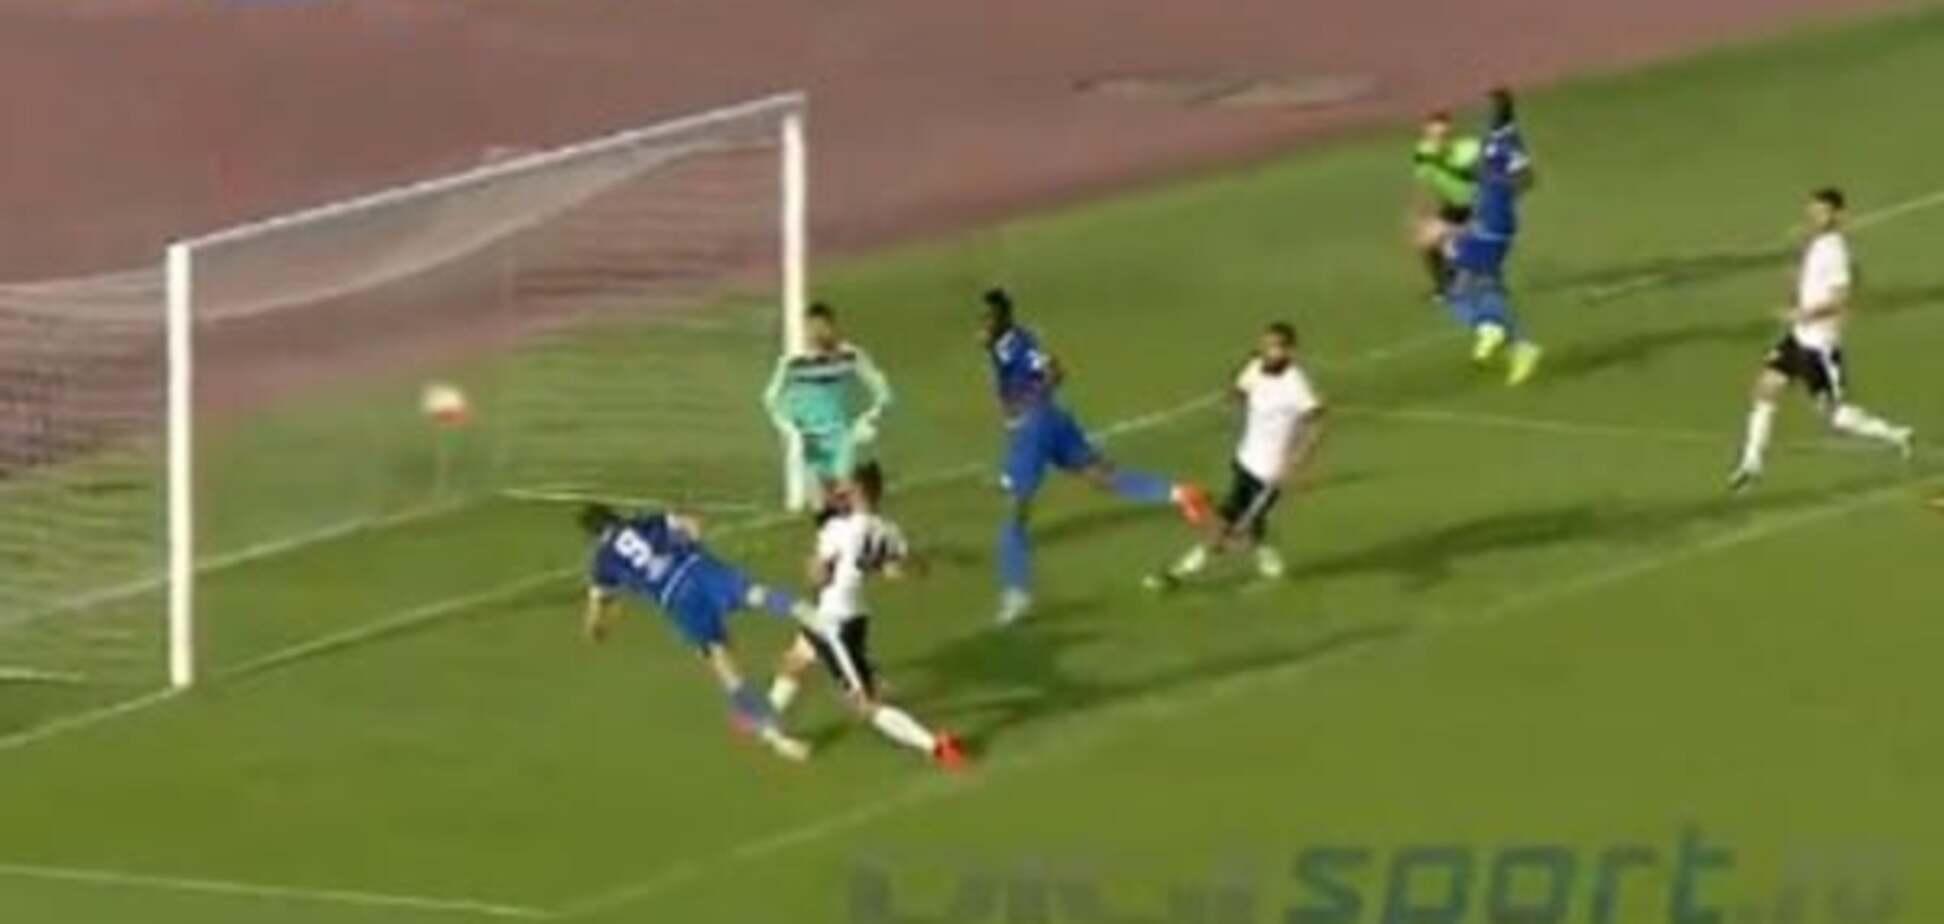 'За 10 лет столько не забил': Милевский потроллил себя за свой гол в чемпионате Румынии